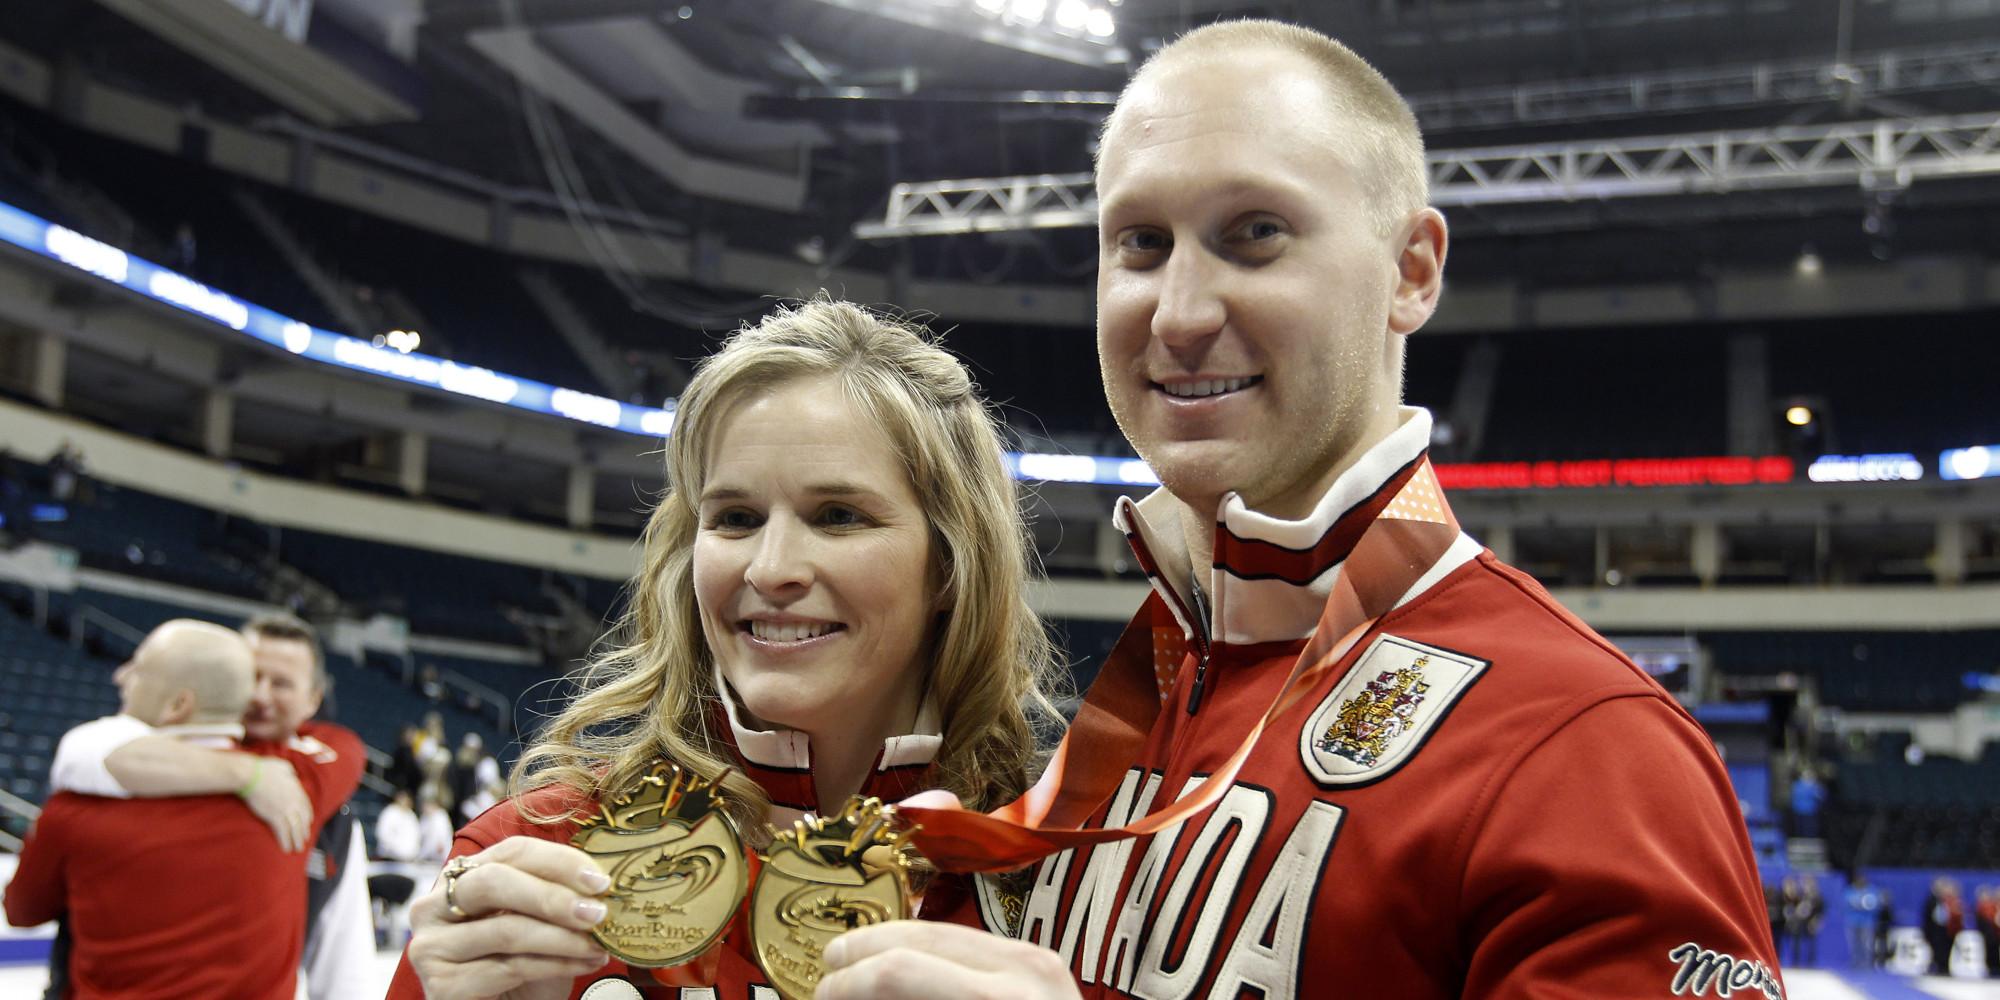 Jones Curling Olympics Olympics 2014 a Curling